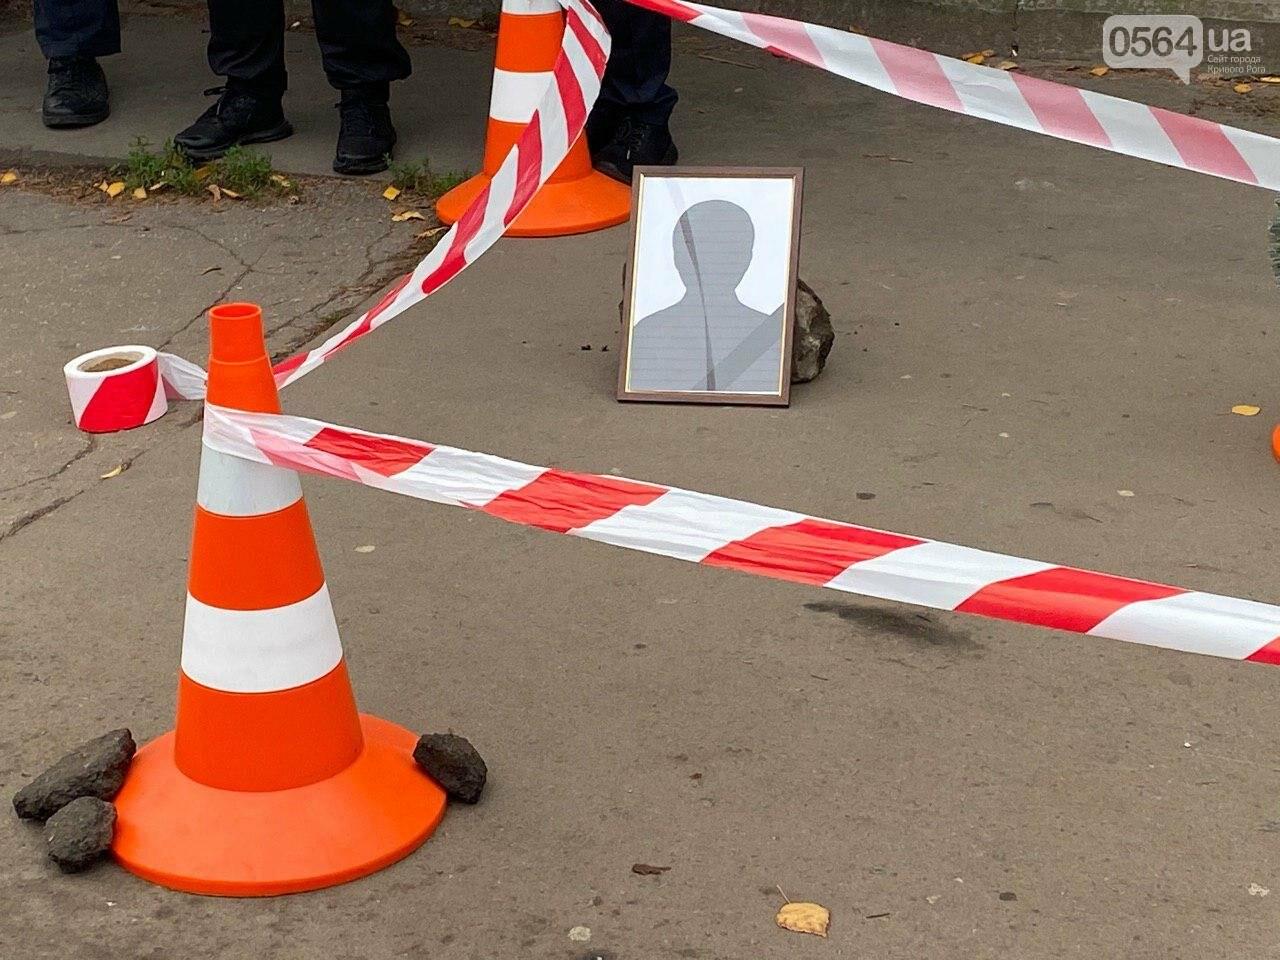 На центральном проспекте в Кривом Роге устроили молчаливый протест, - ФОТО, ВИДЕО, фото-8